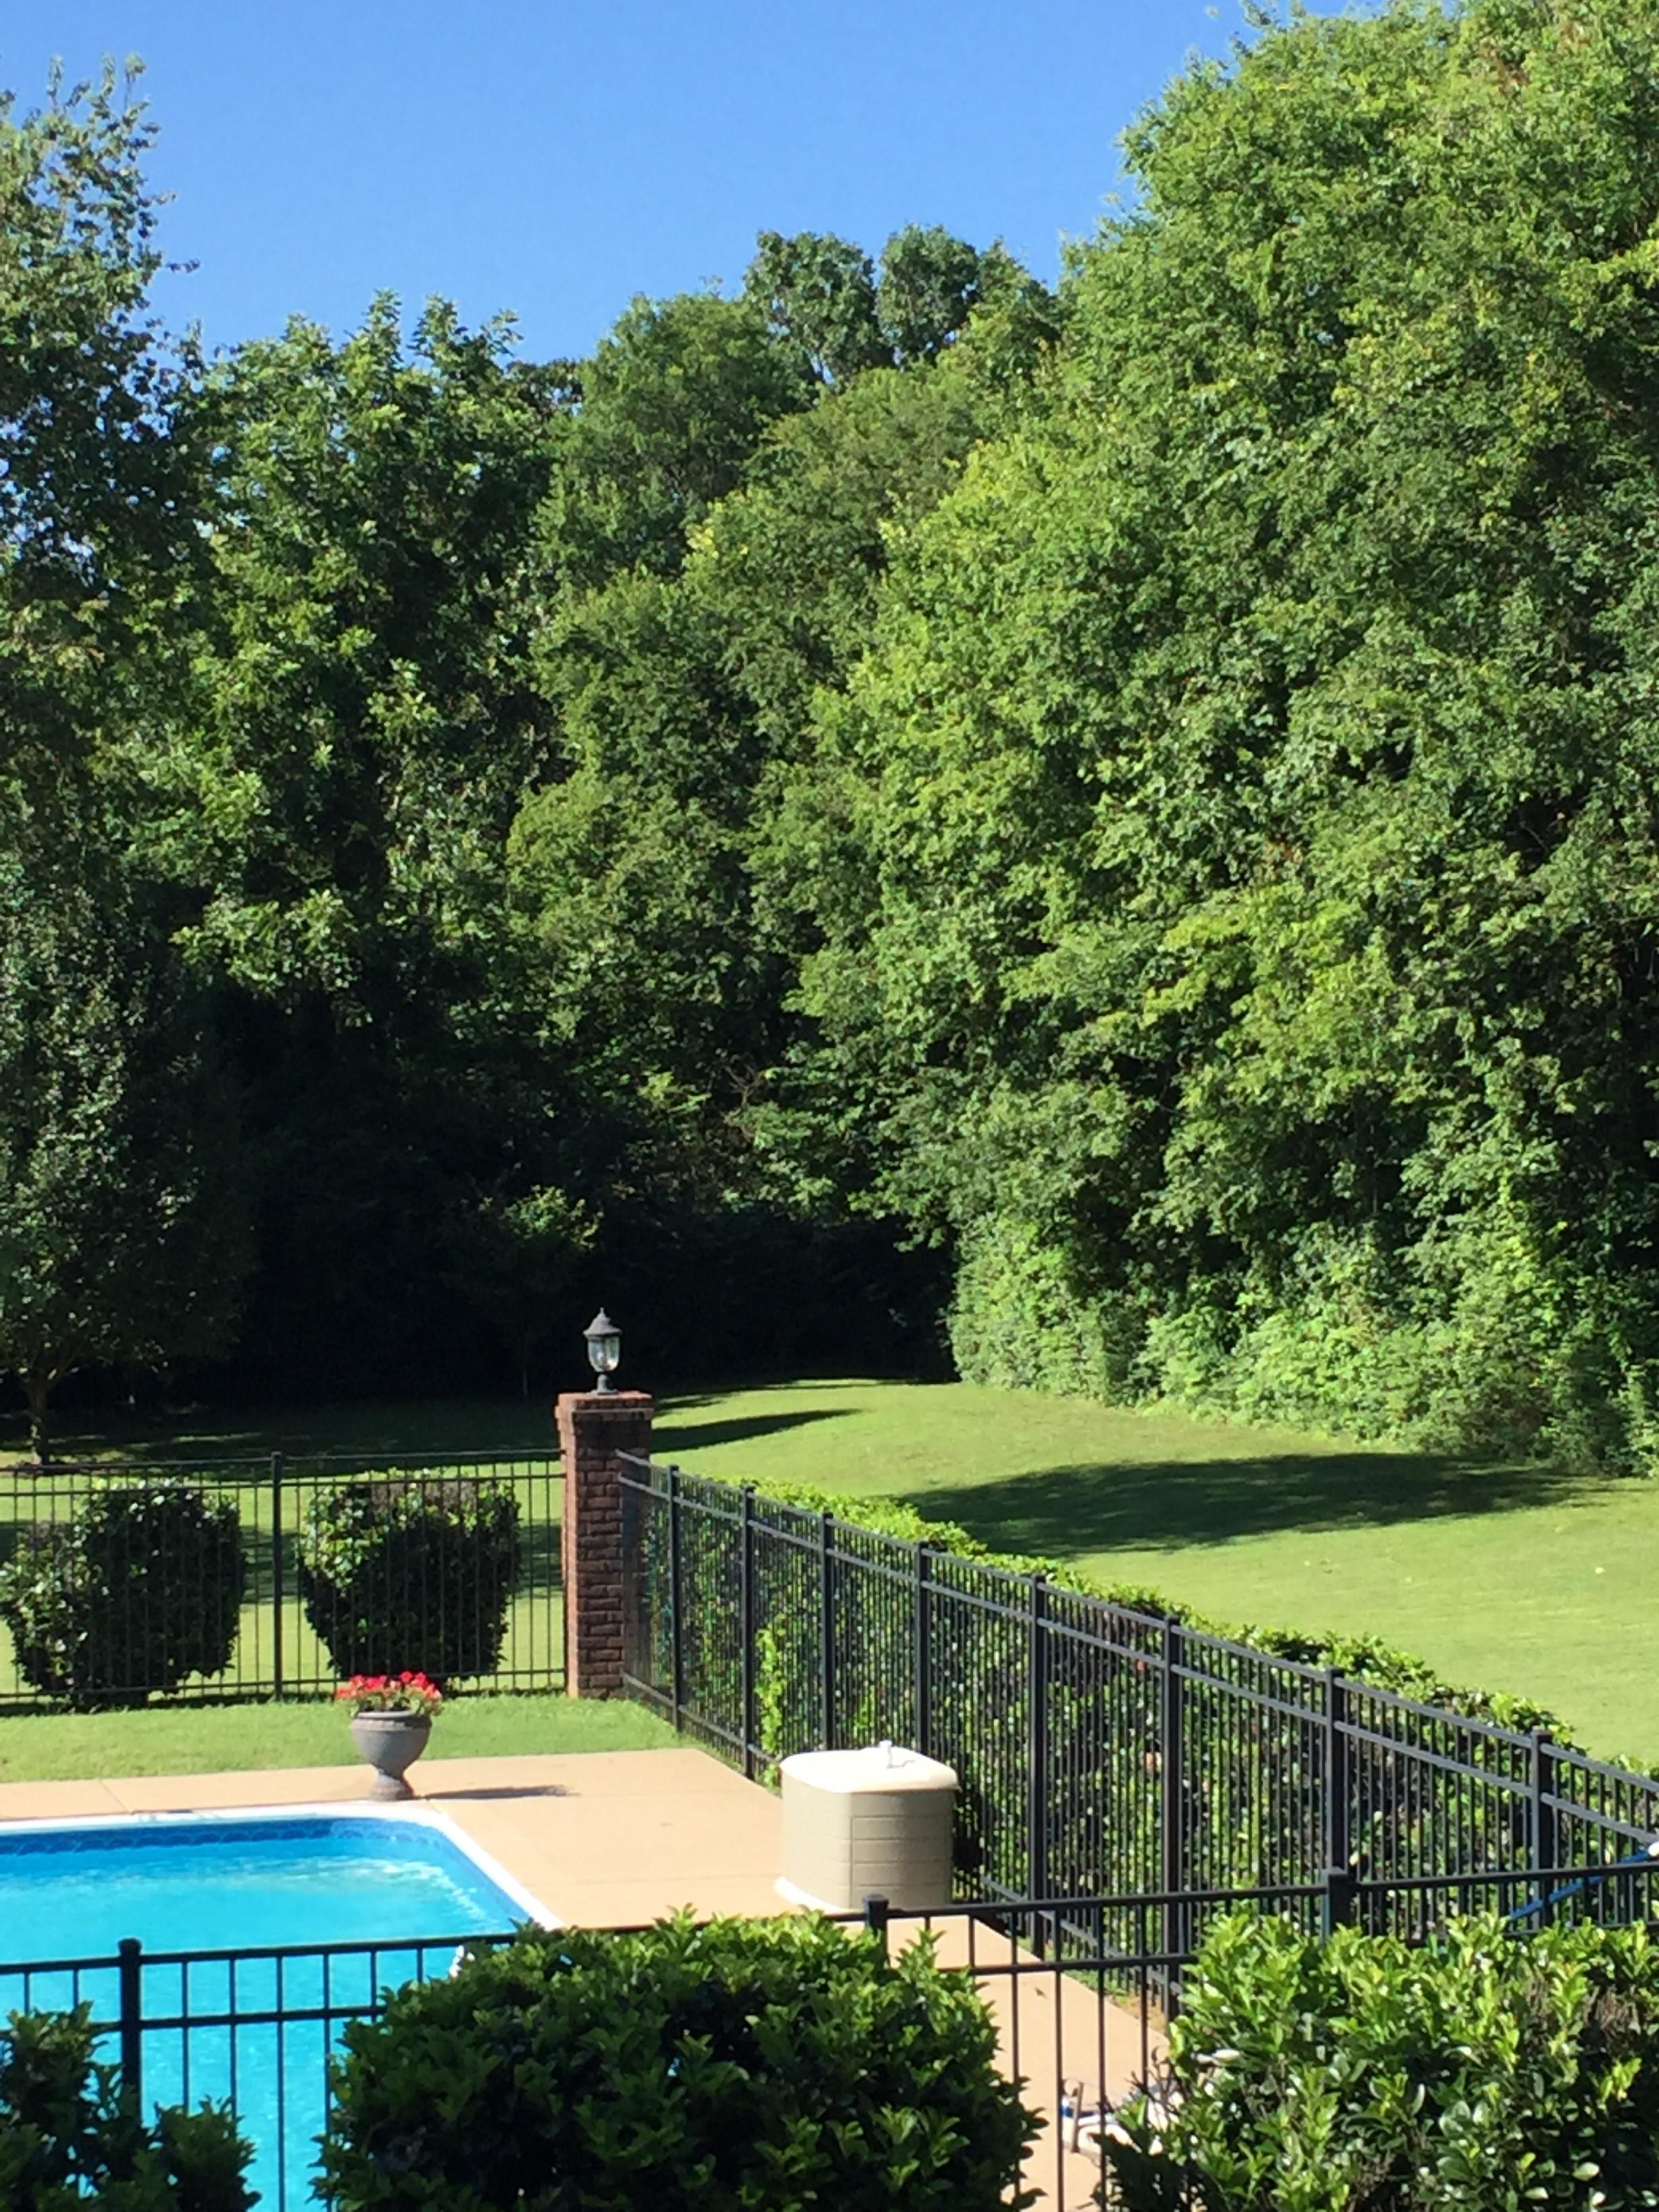 Lawn Care Service in Mount Juliet, TN, 37122